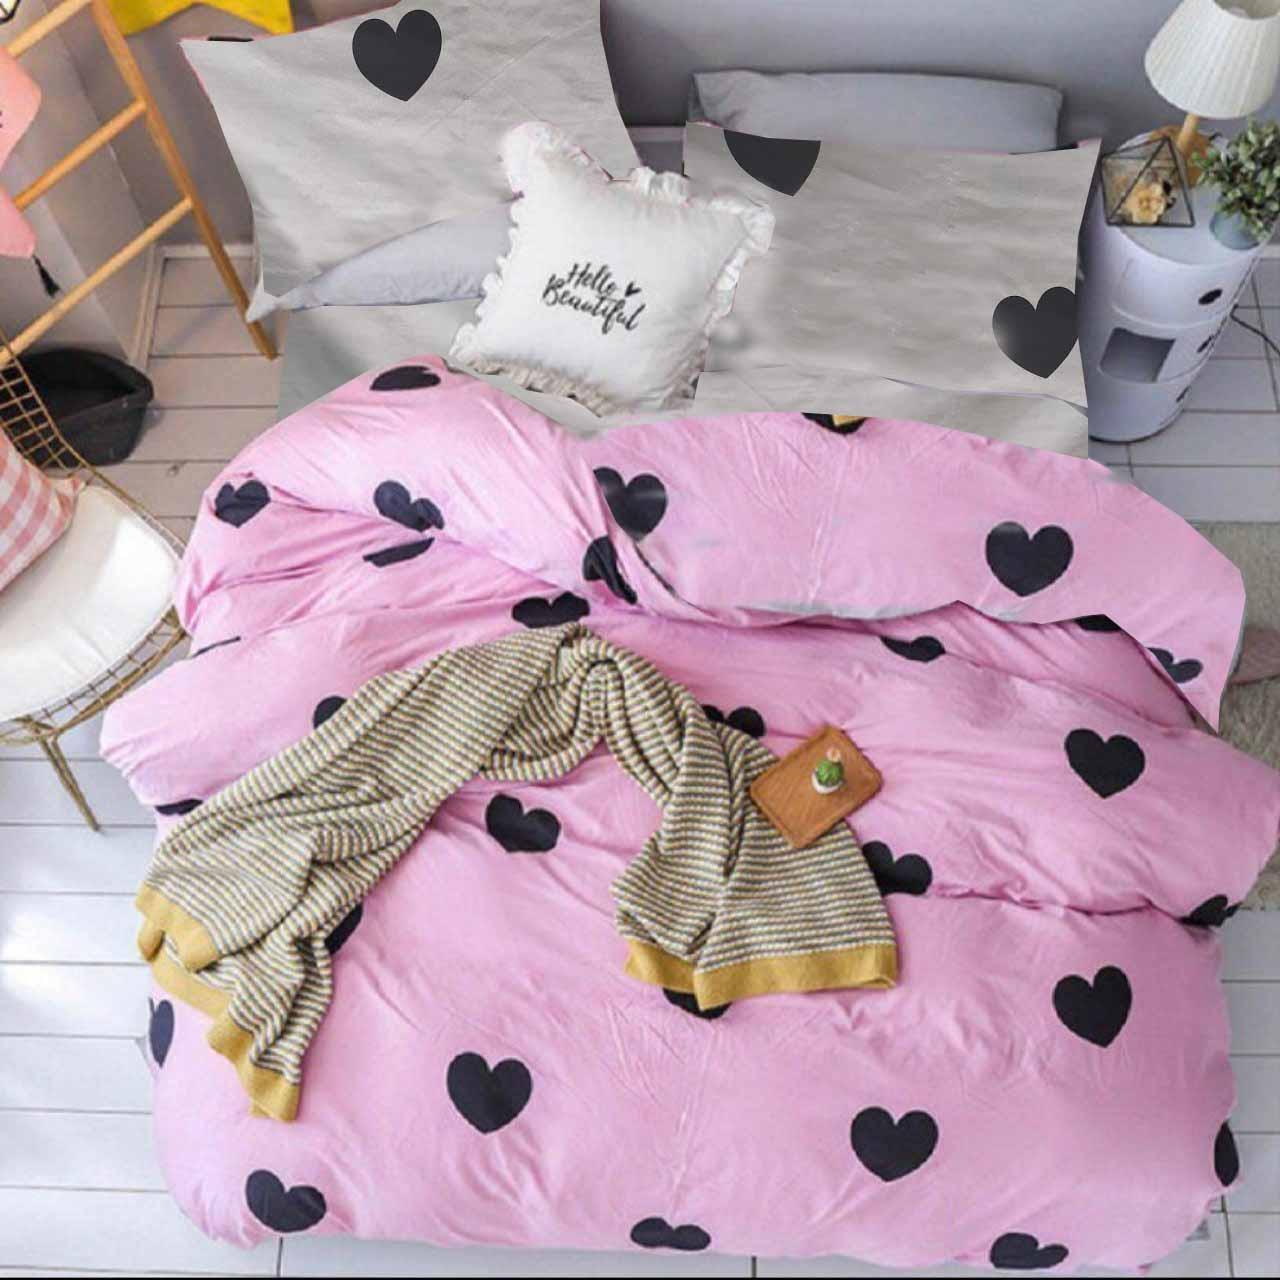 Комплект семейного постельного белья топ качества, сердечки